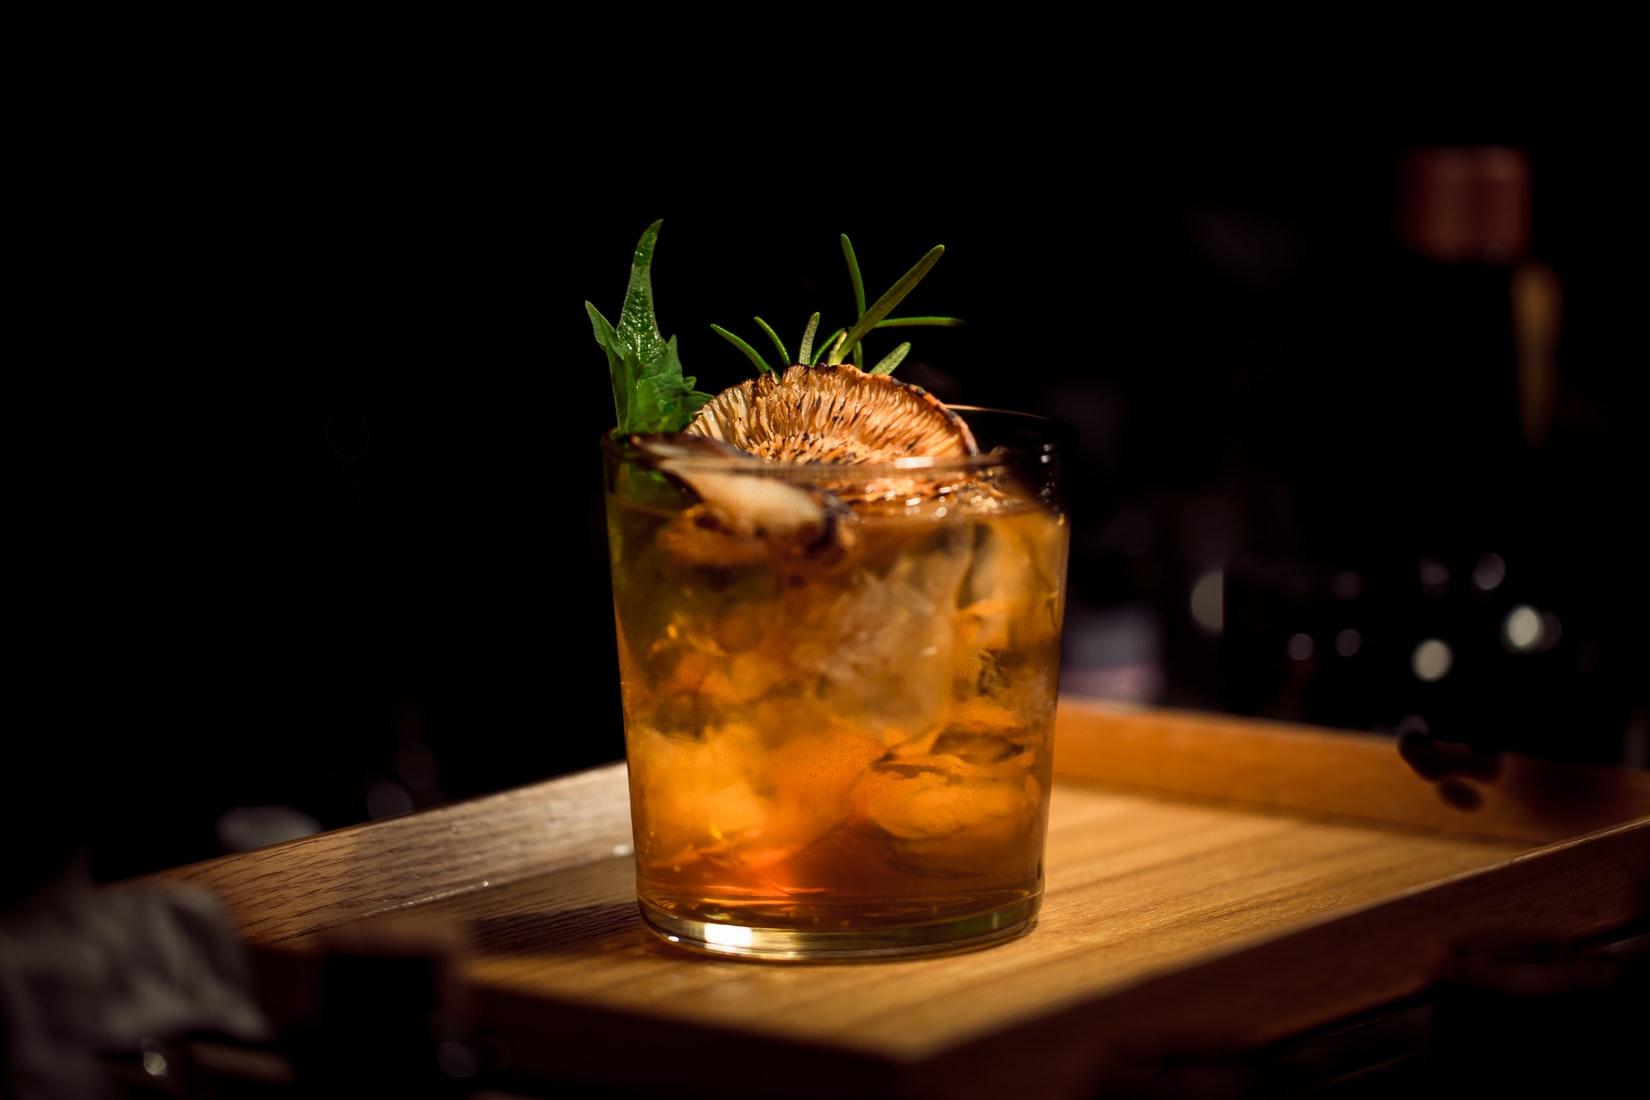 Gallery Image 1 - Mushroom cocktail